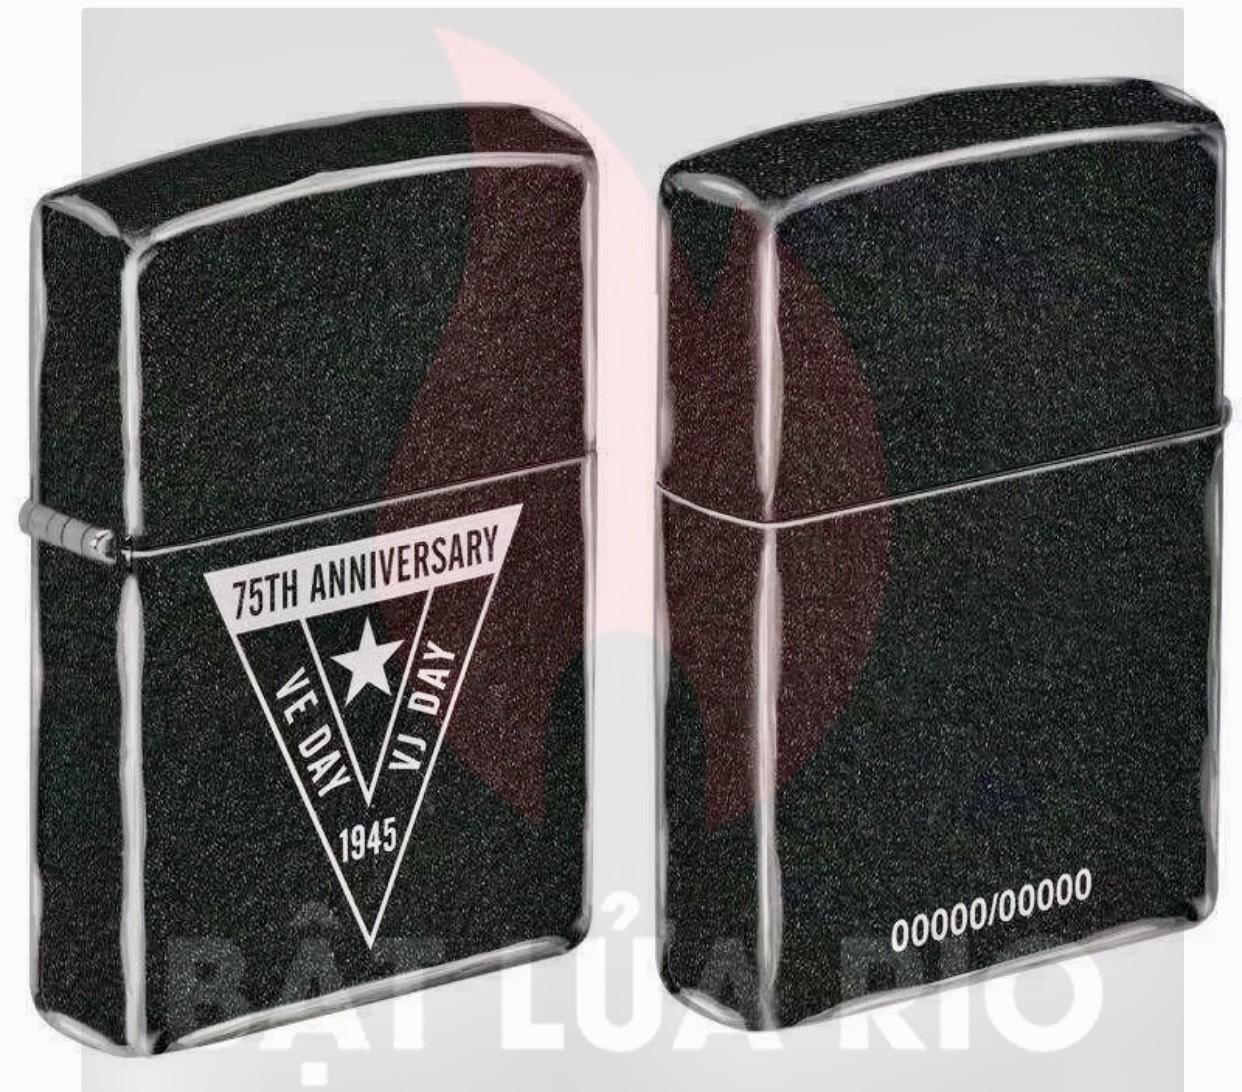 Bộ Sưu Tập Zippo phiên bản giới hạn kỷ niệm 75 năm chiến thắng tại Châu Âu và Nhật Bản, kết thúc WWII 4